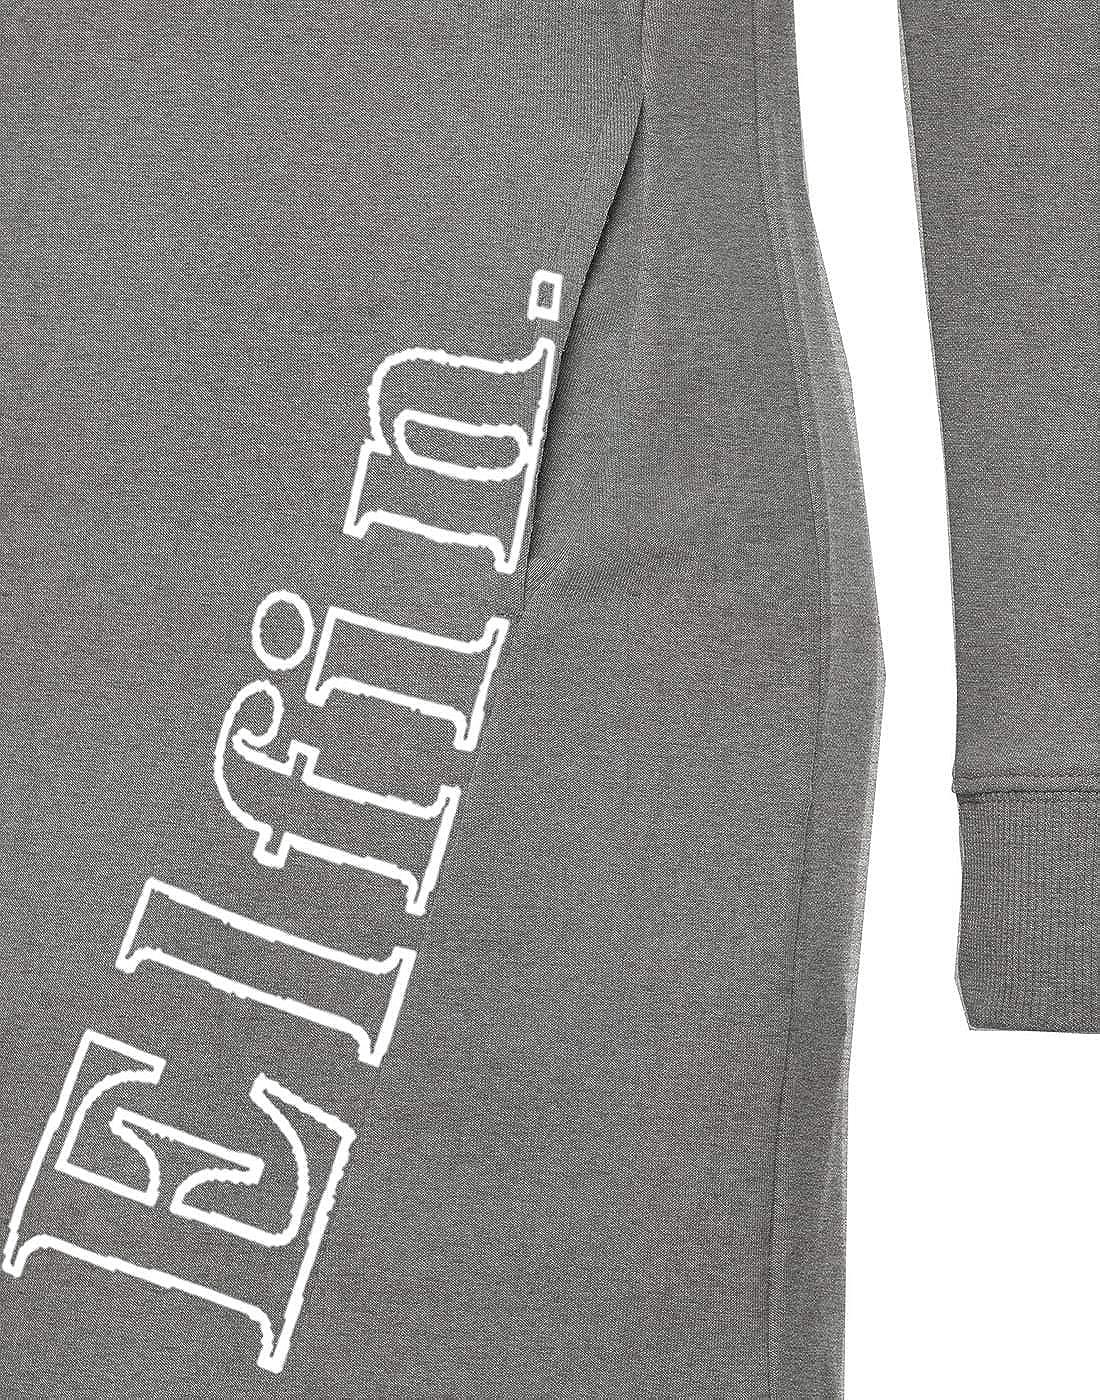 ELFIN Damen Sweatkleid Langarm Kleider Sweatshirt Dress Lässig Sportliche Longshirt Tops Minikleider mit Logodruck Herbst Dunkel Grau